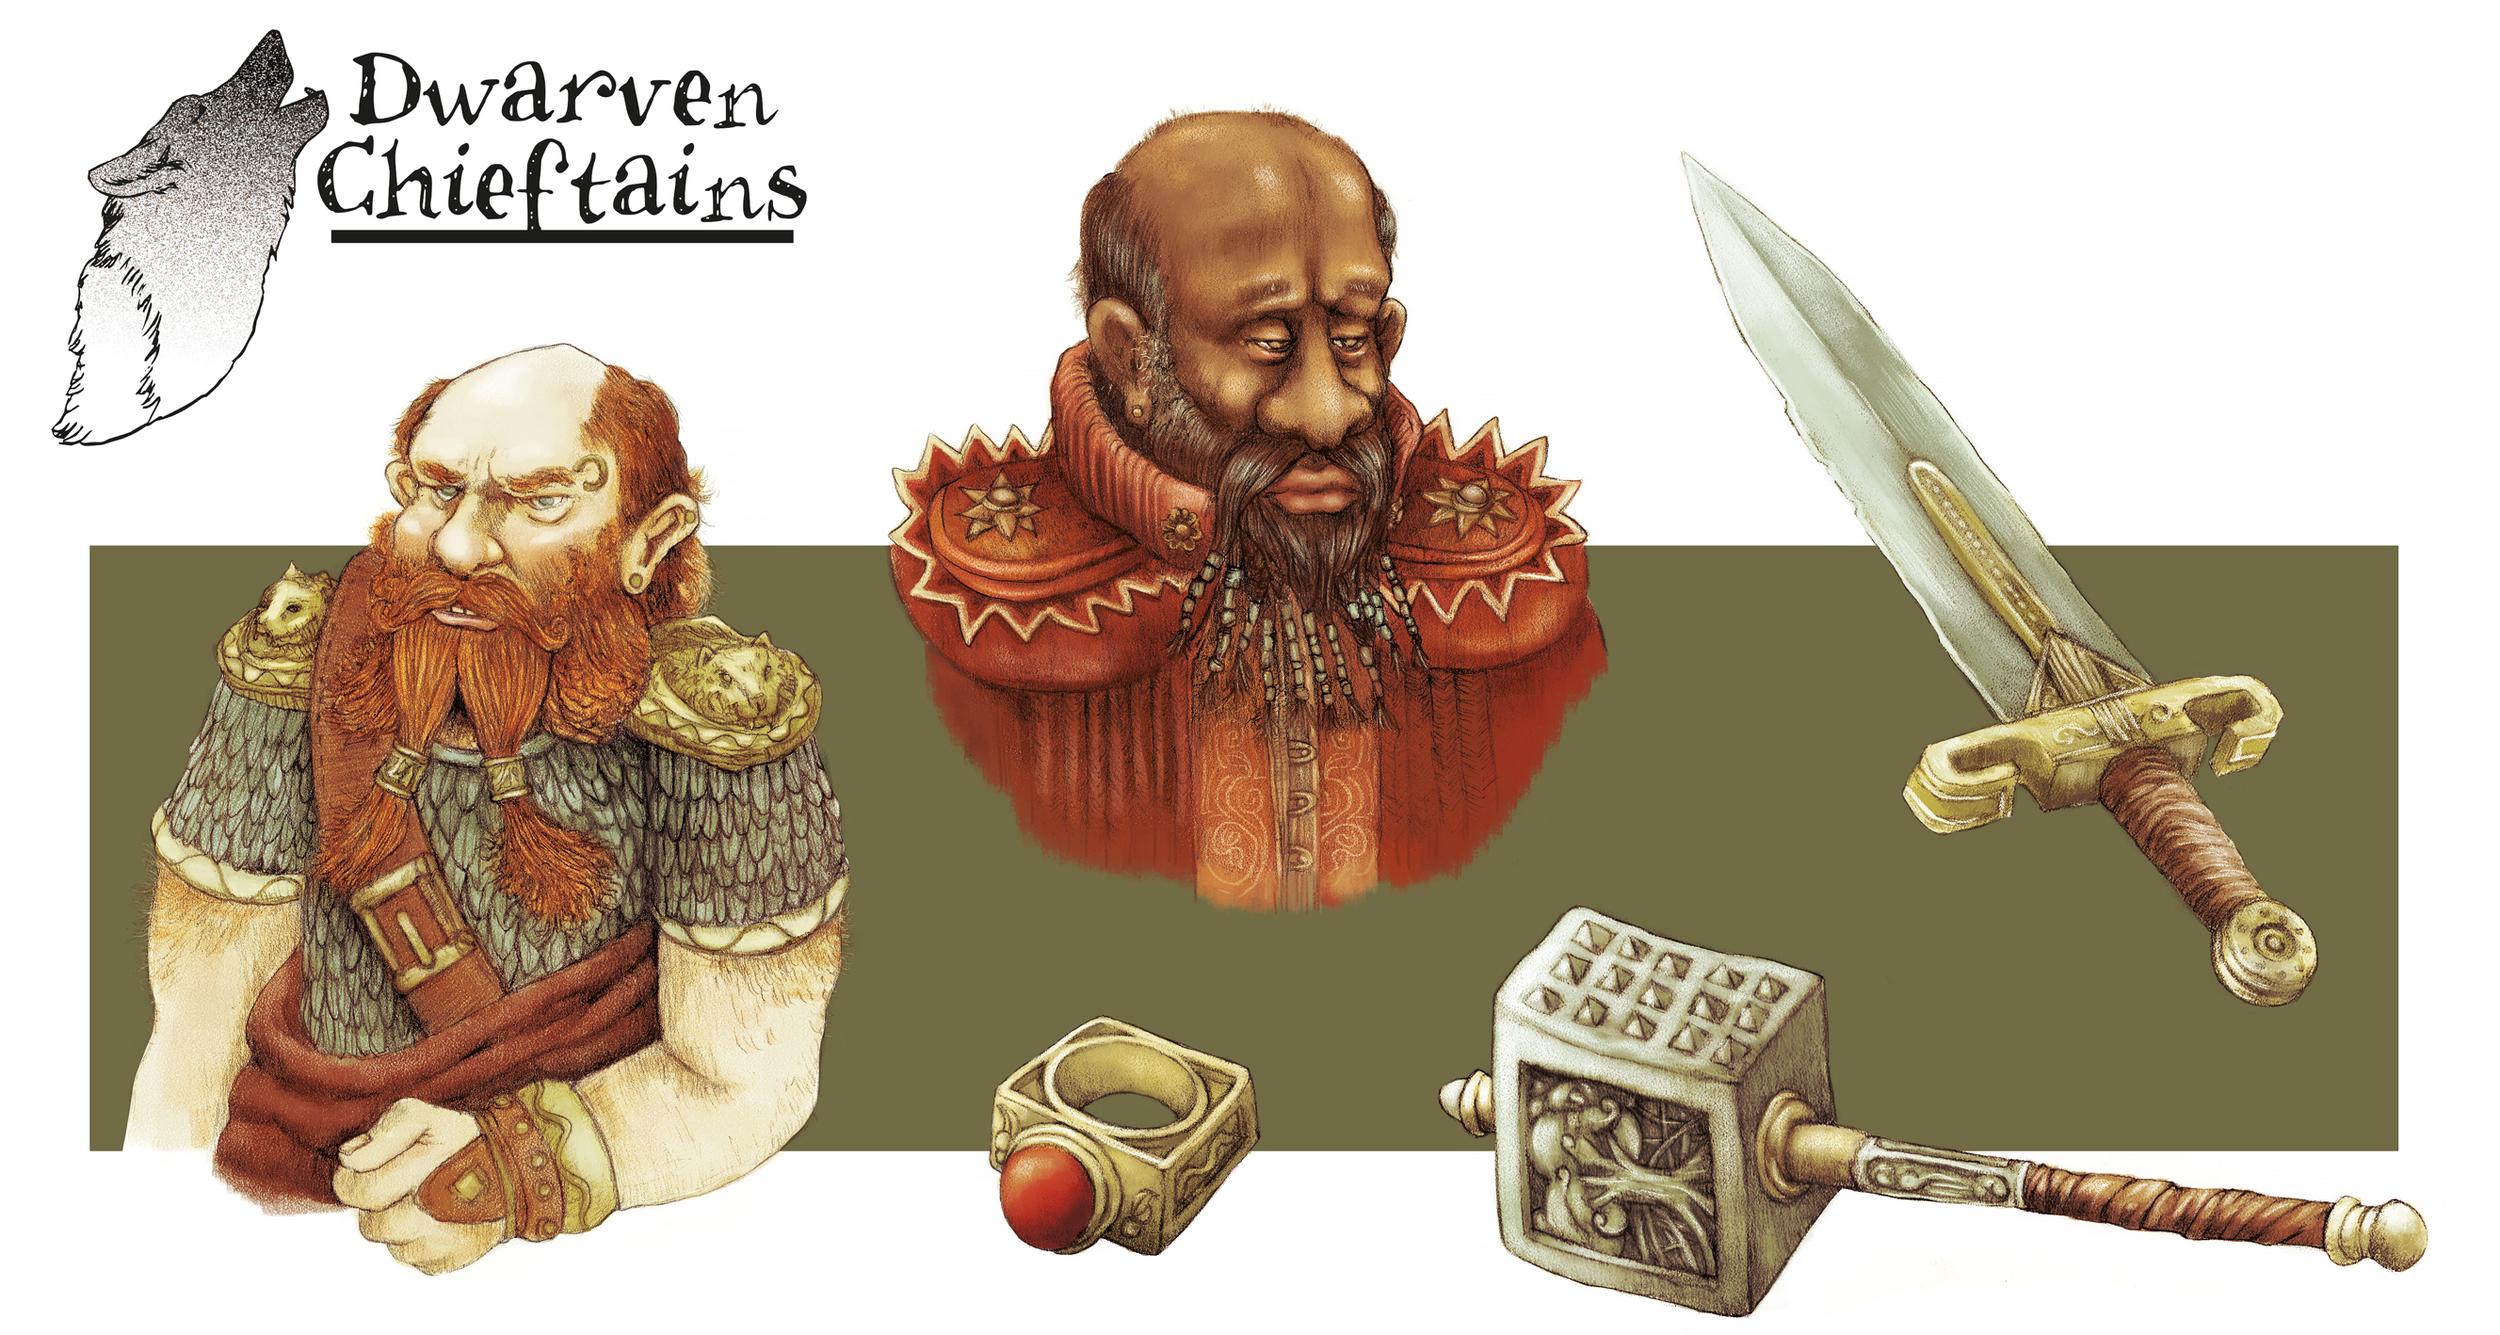 Dwarf Chieftains concept art